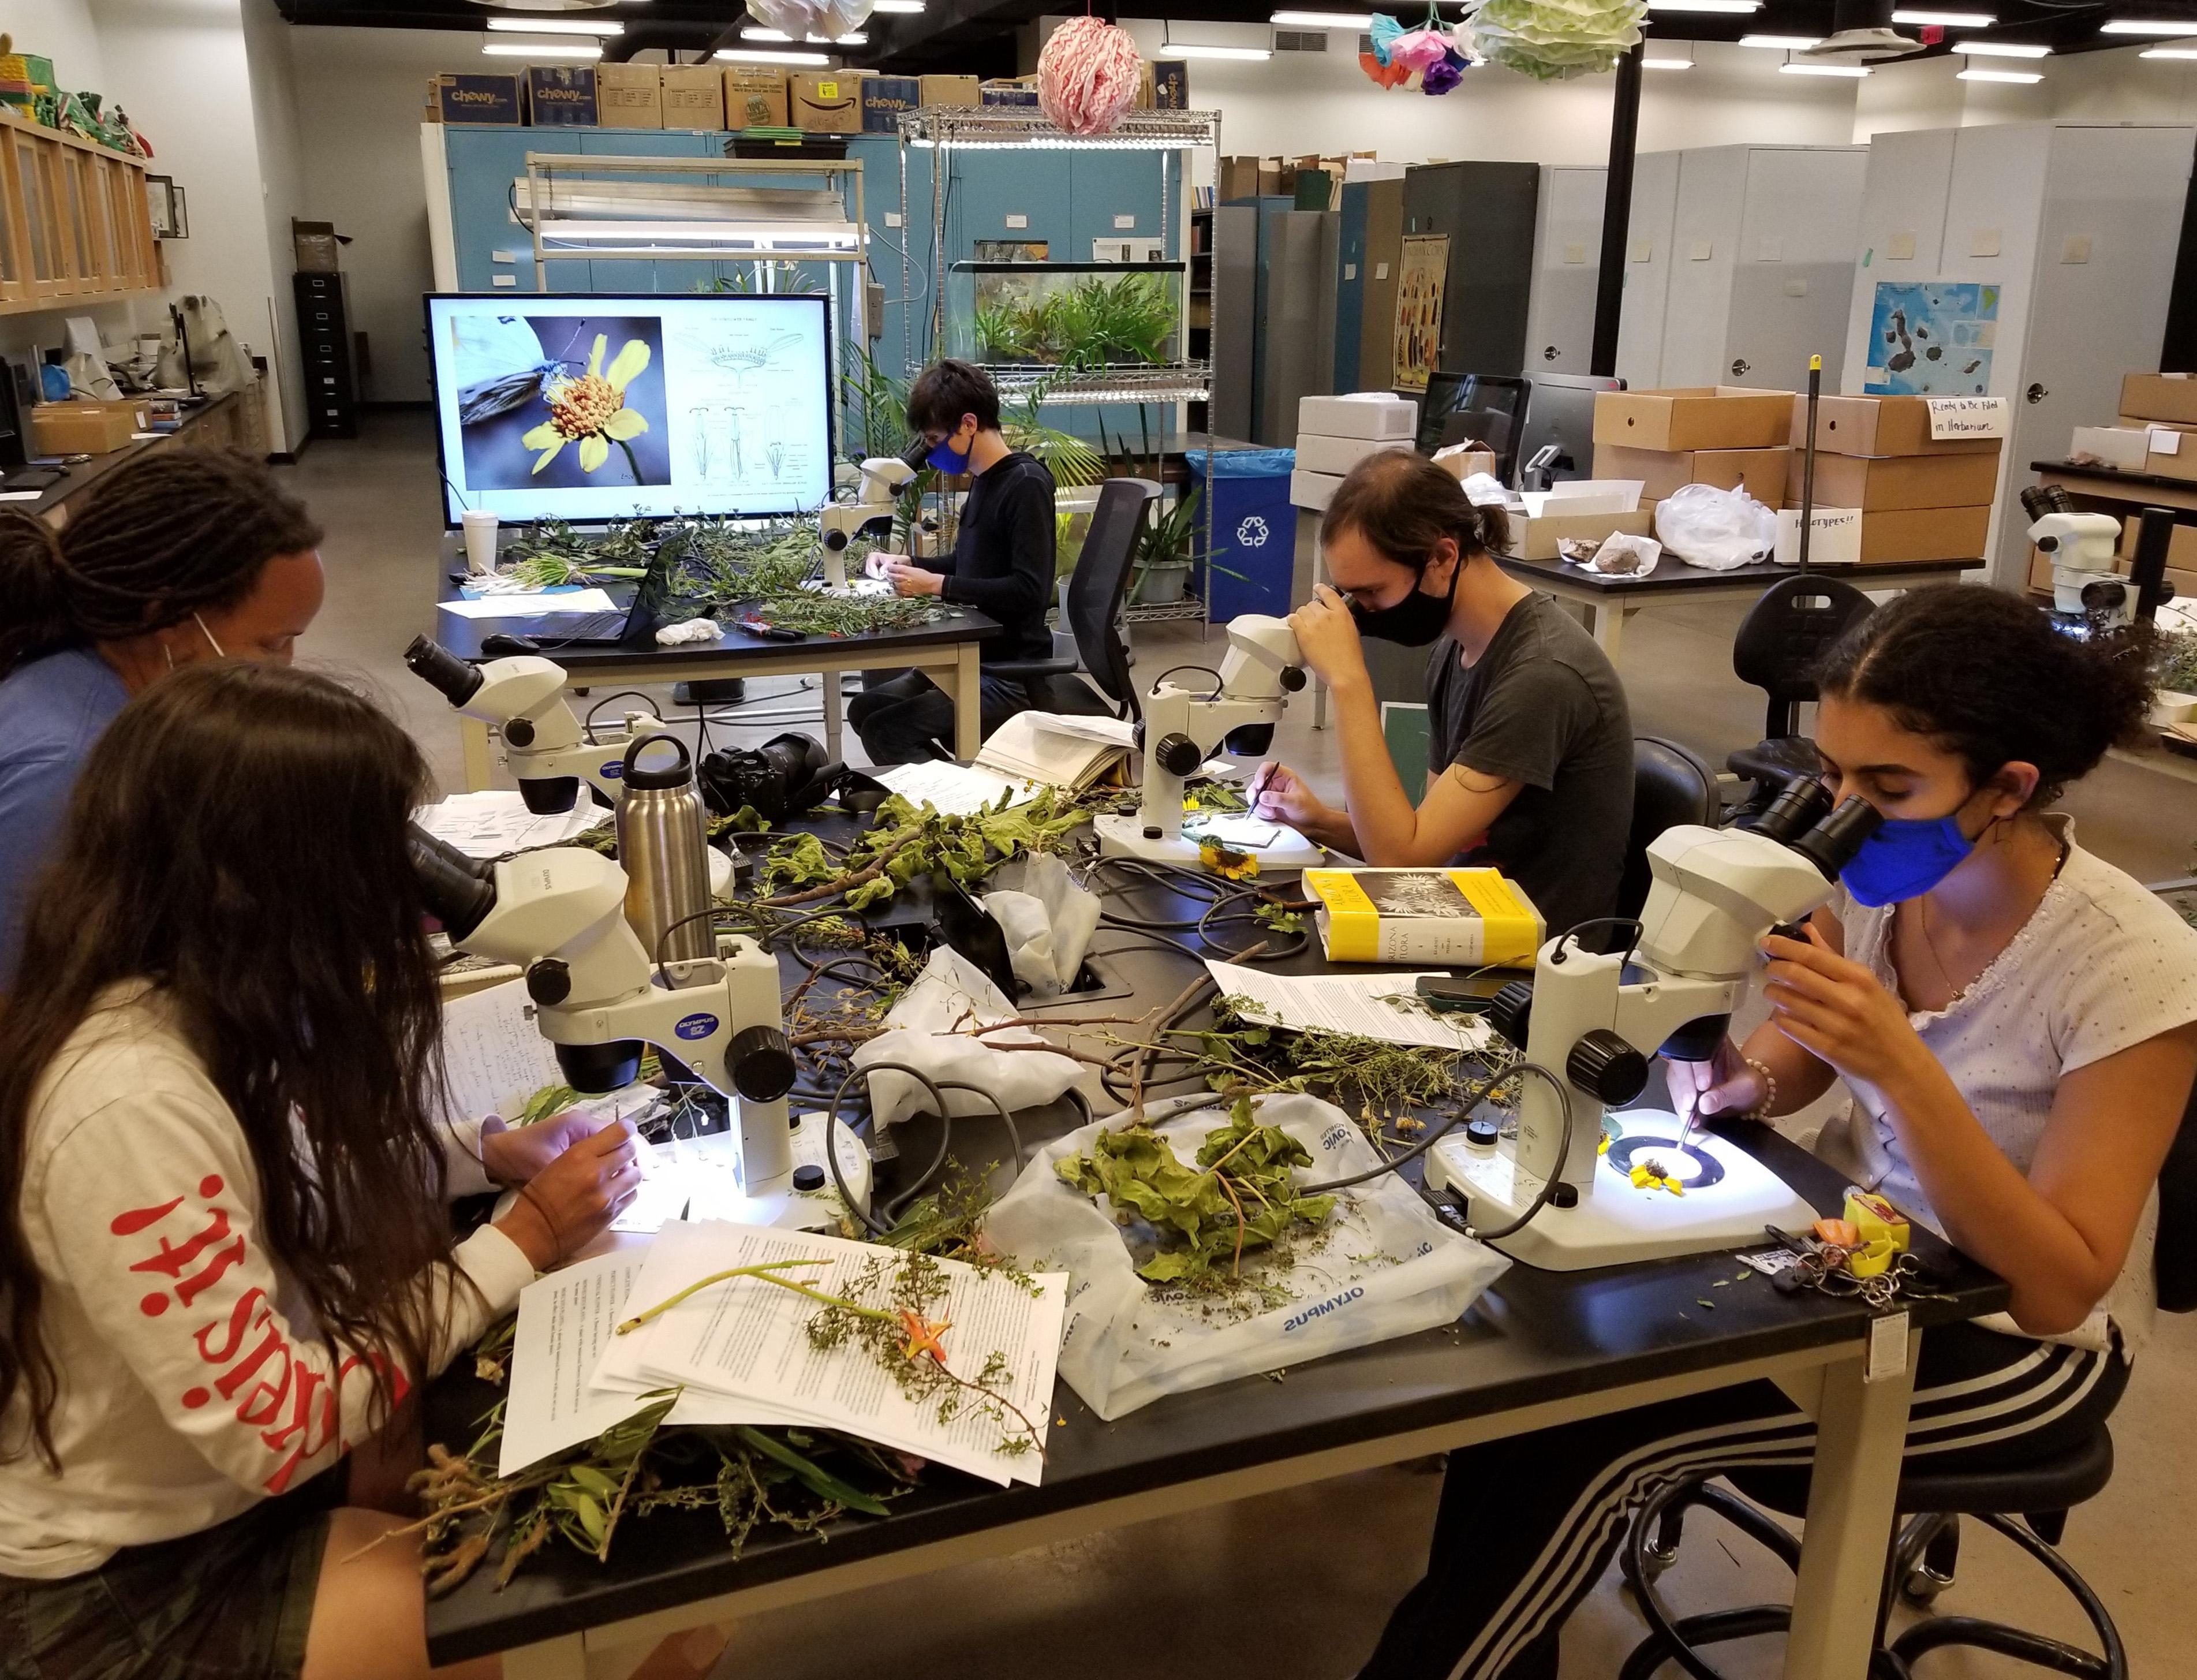 Picture: The scholars investigate specimens in the herbarium.